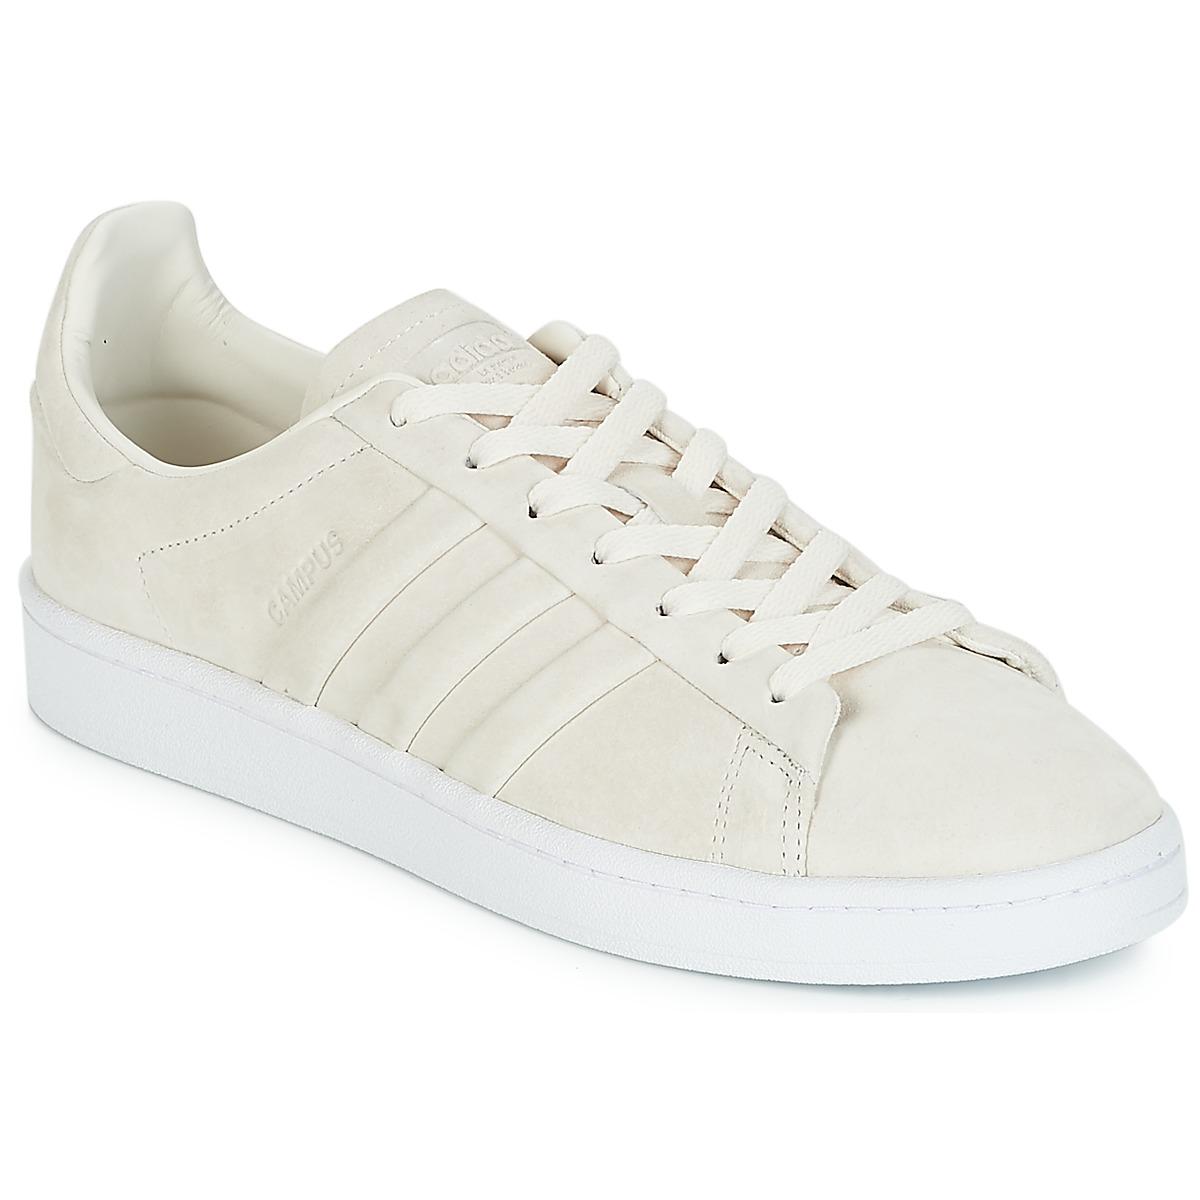 adidas Originals CAMPUS STITCH AND T Weiss - Kostenloser Versand bei Spartoode ! - Schuhe Sneaker Low  60,00 €